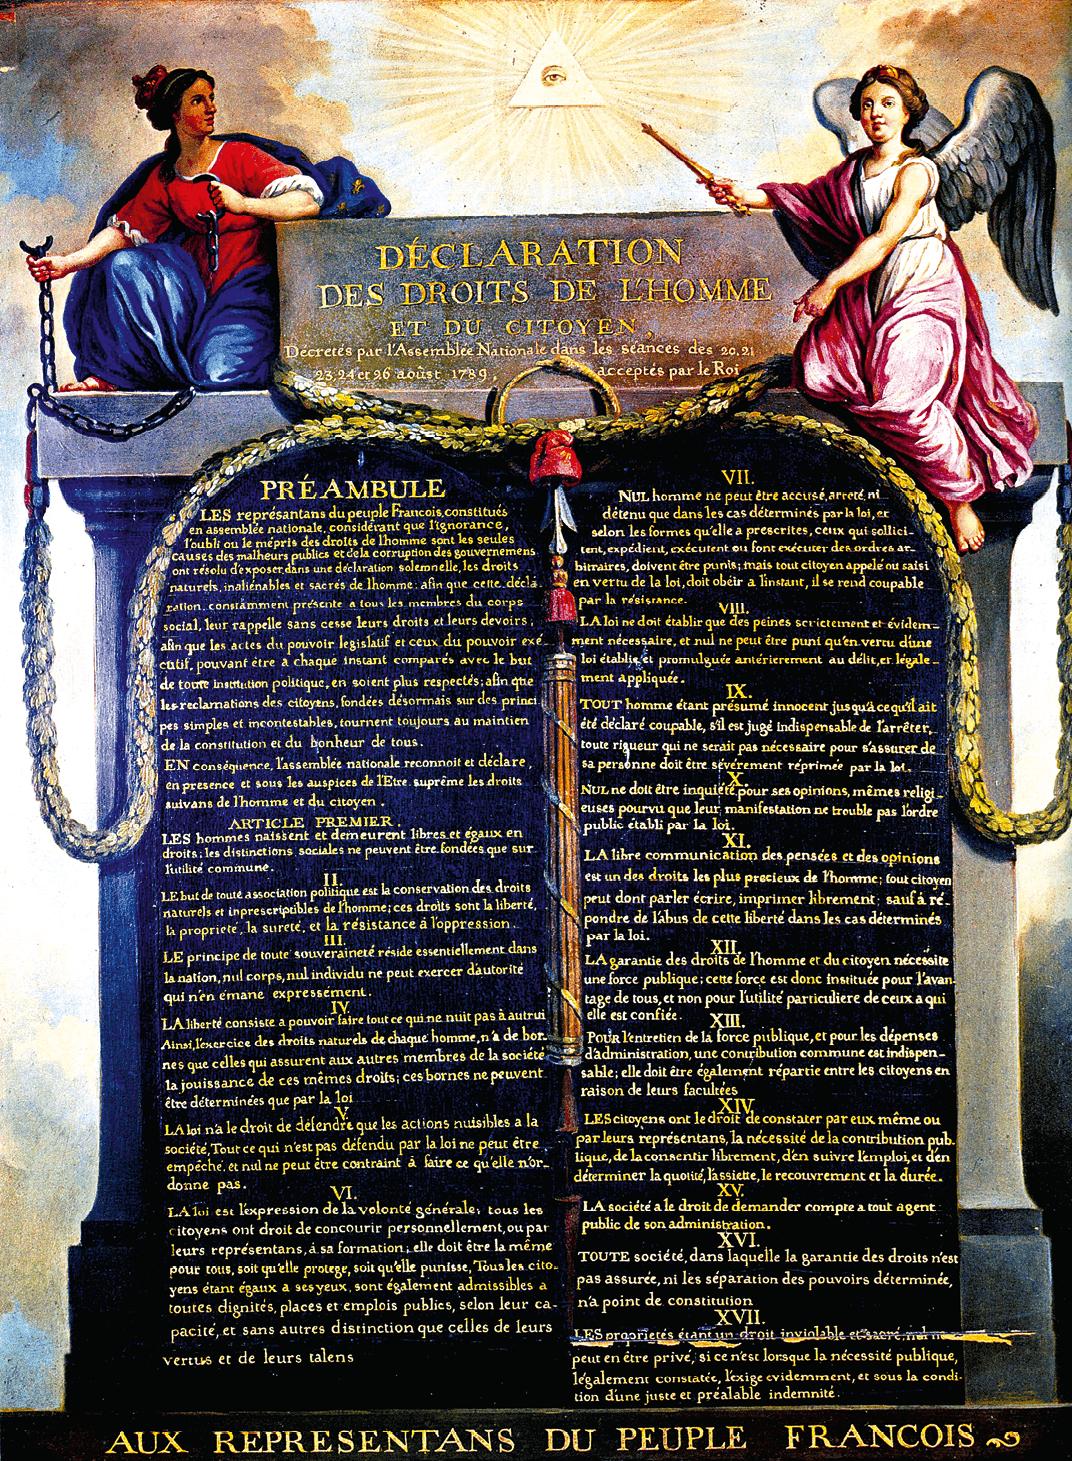 Jean-Jacques Le Barbier, Déclaration des Droits de l'Homme et du Citoyen, vers 1789, huile sur toile